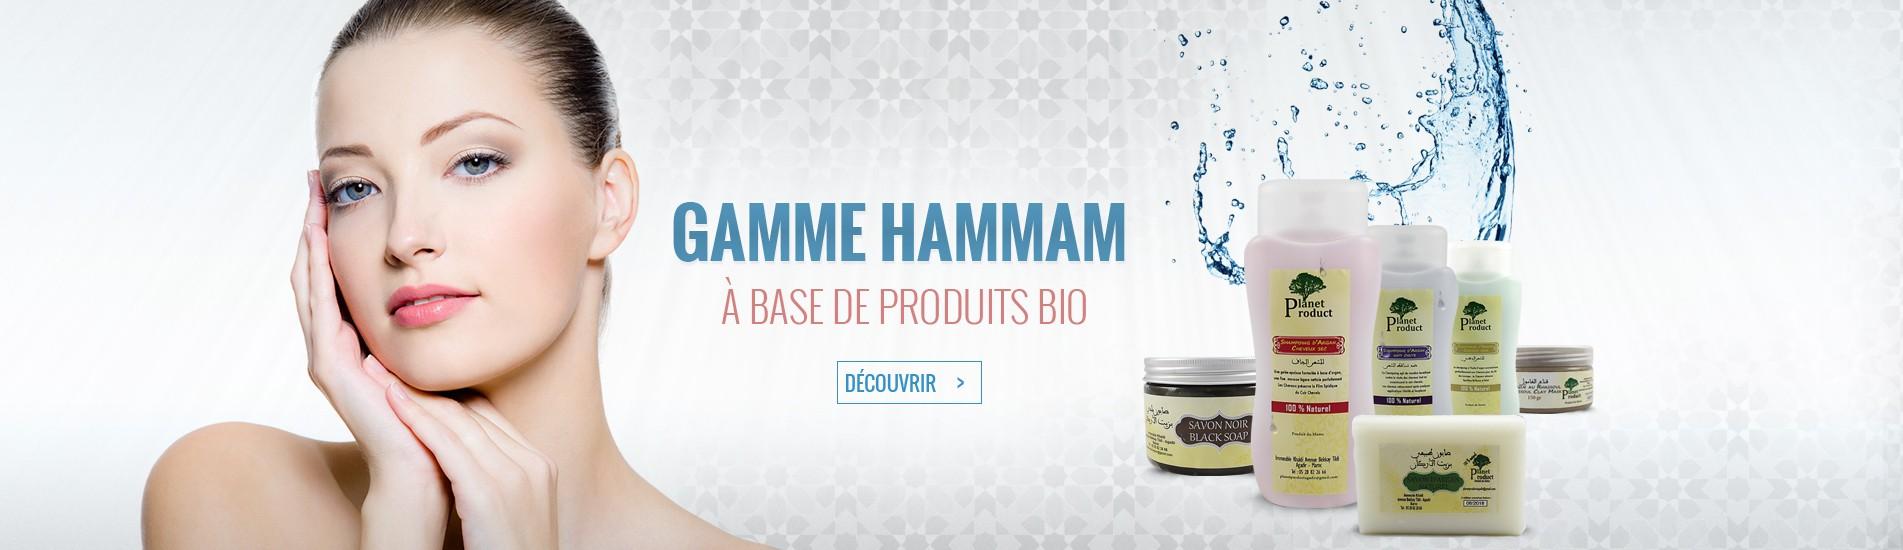 GAMME HAMMAM